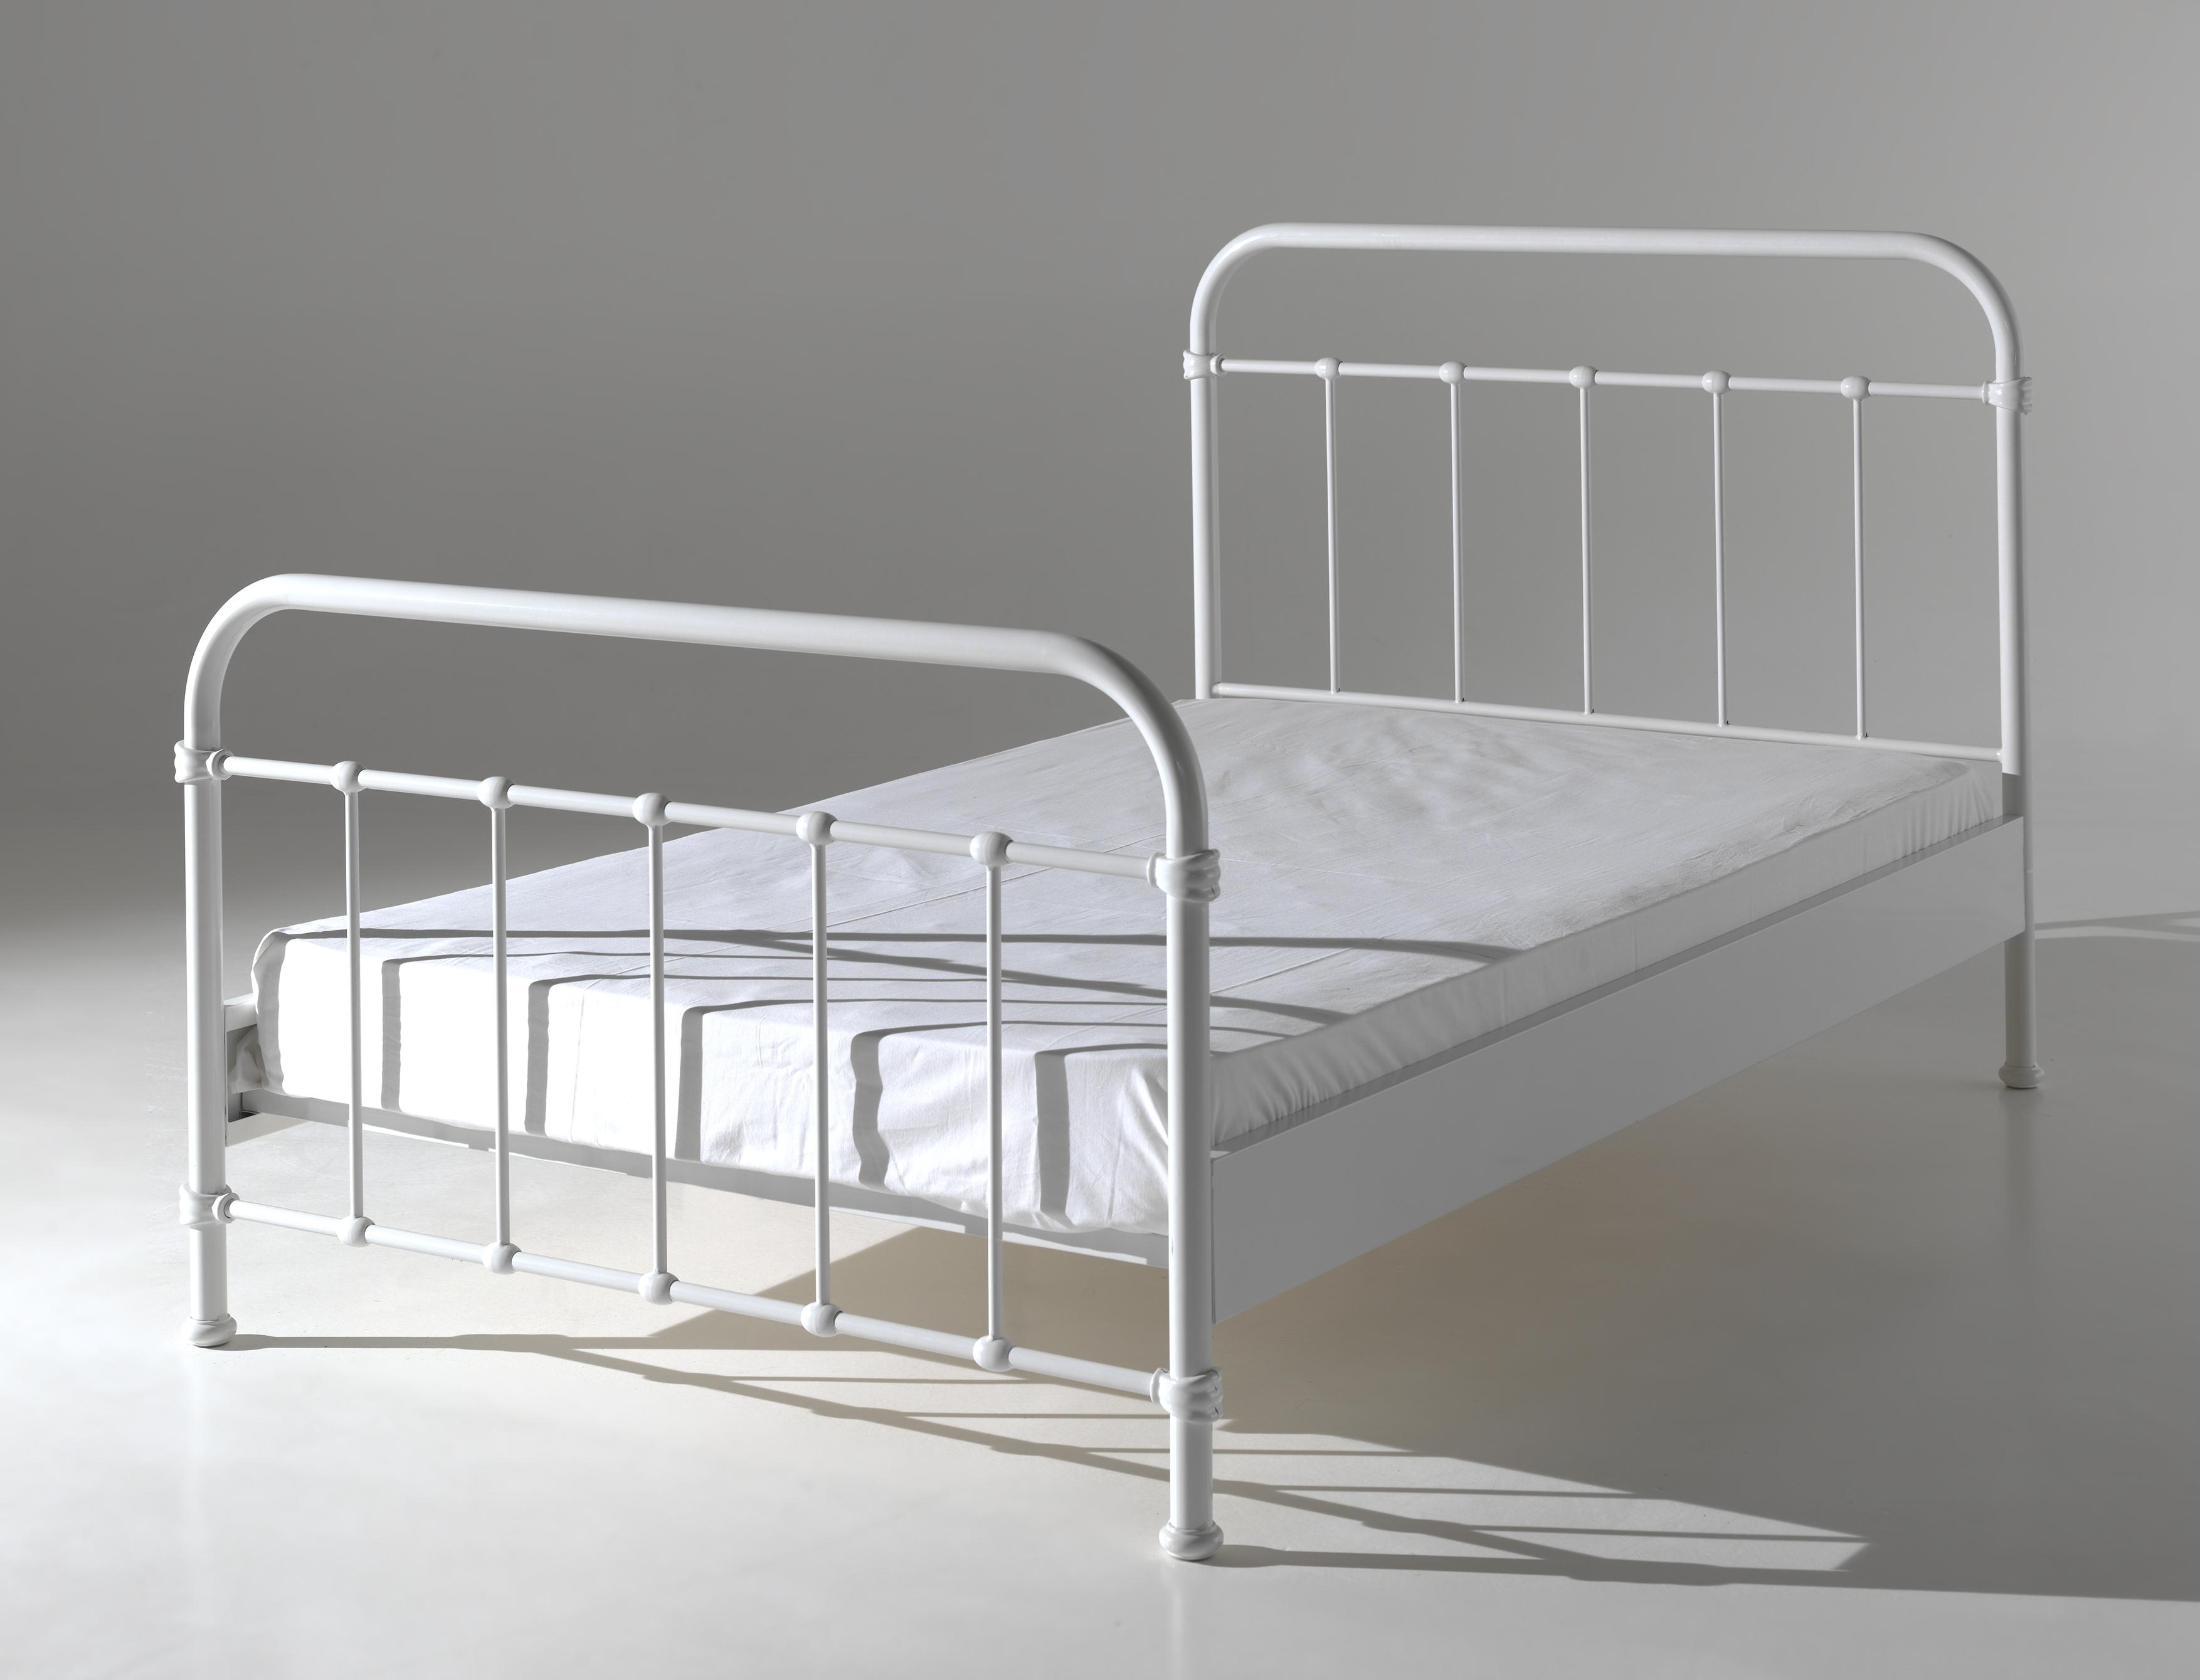 lit en m tal london pour un style industriel de 120 x 200 so nuit. Black Bedroom Furniture Sets. Home Design Ideas